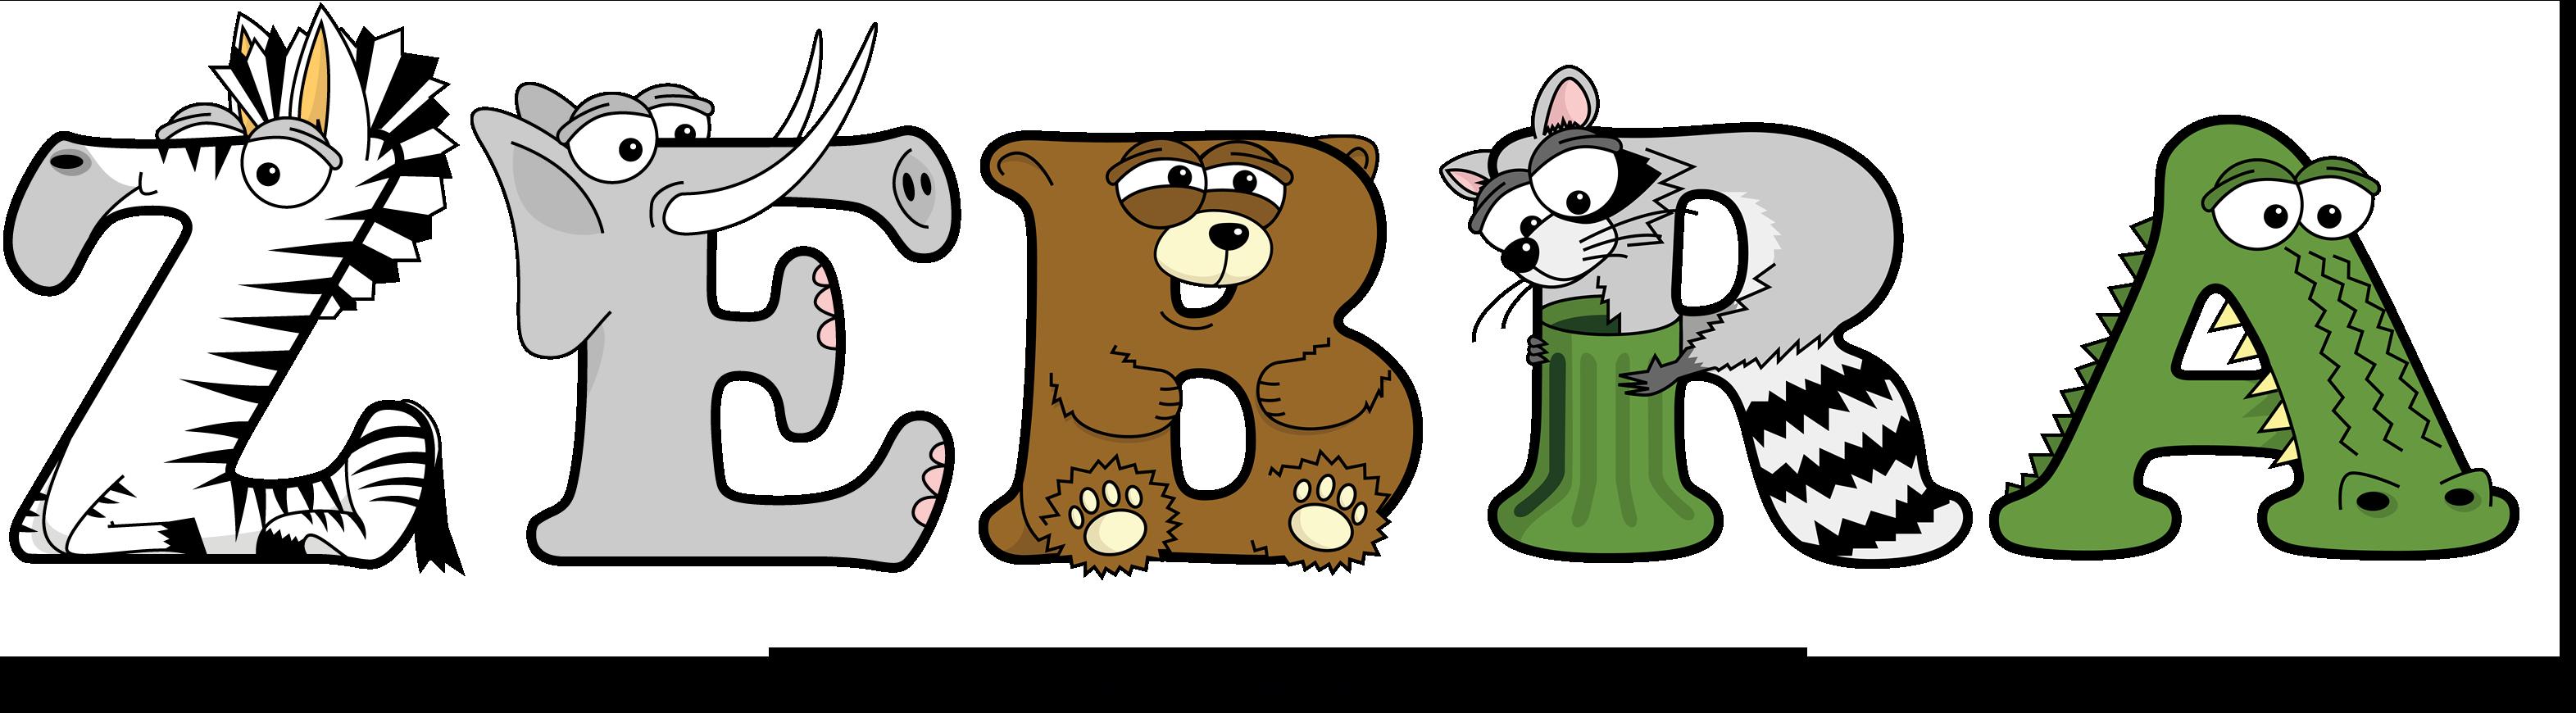 The word ZEBRA written in cute cartoon animal drawings